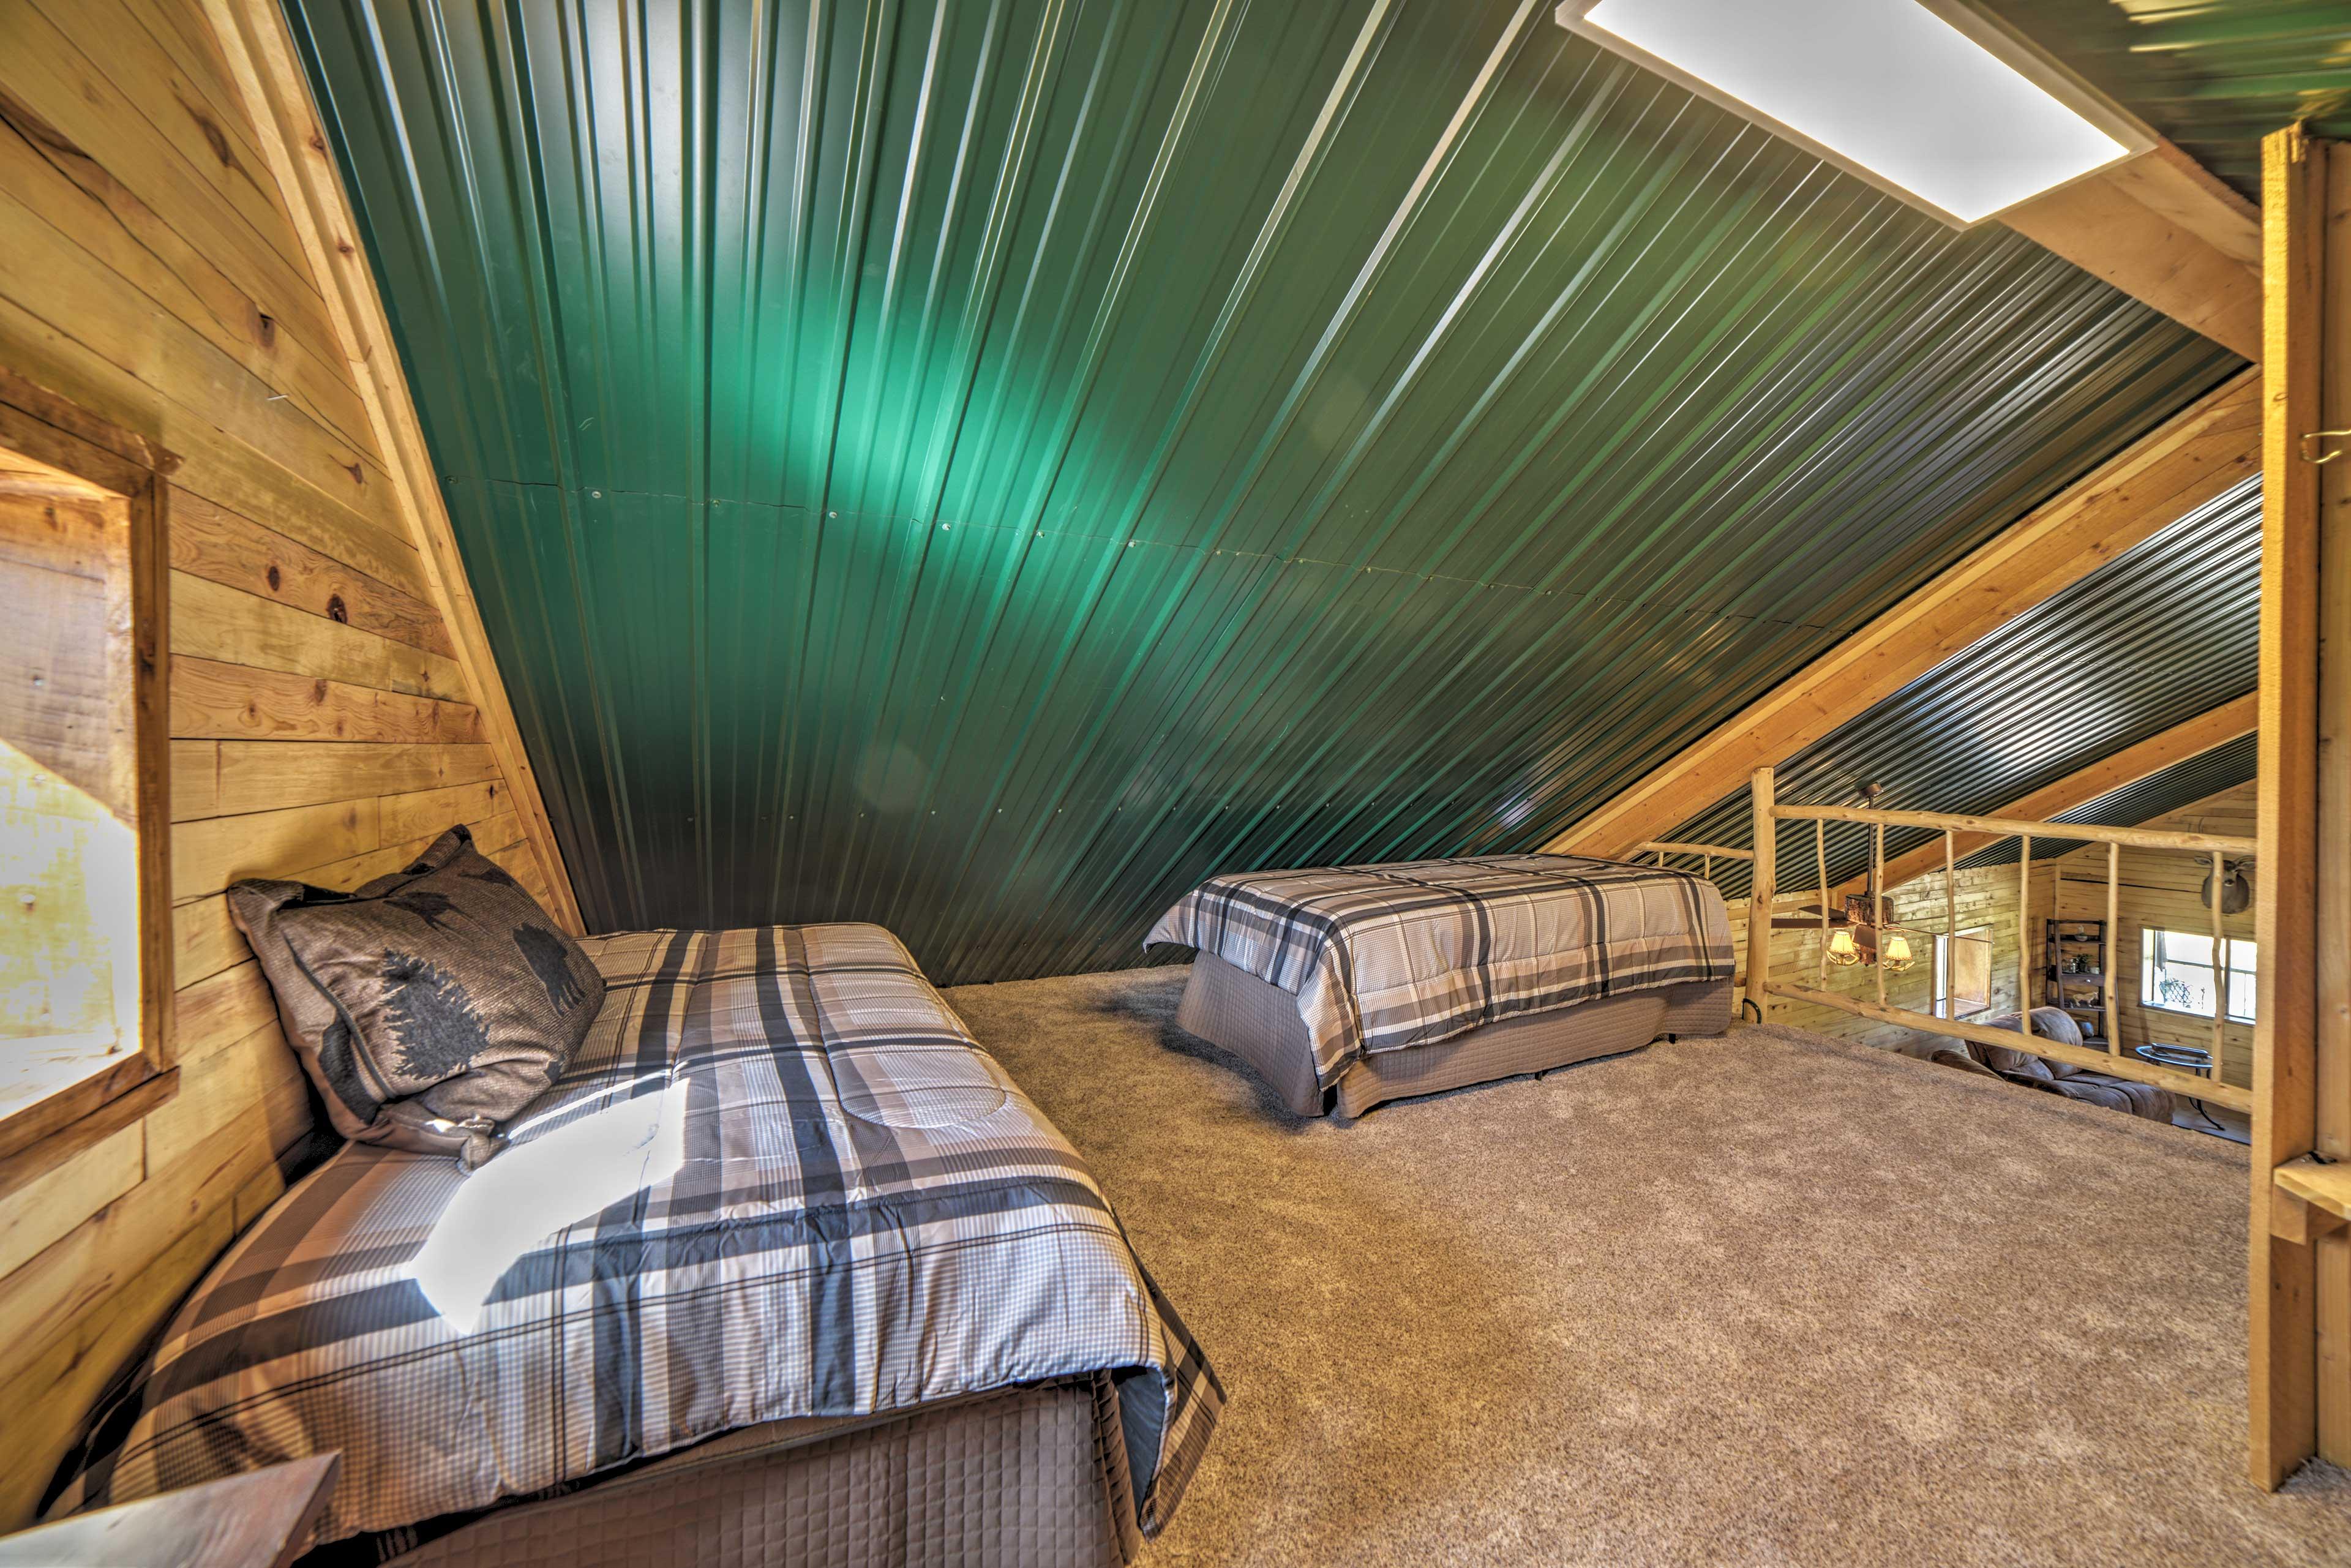 Sleeping Loft | 2 XL Twin Beds | Natural Sunlight | Living Room View